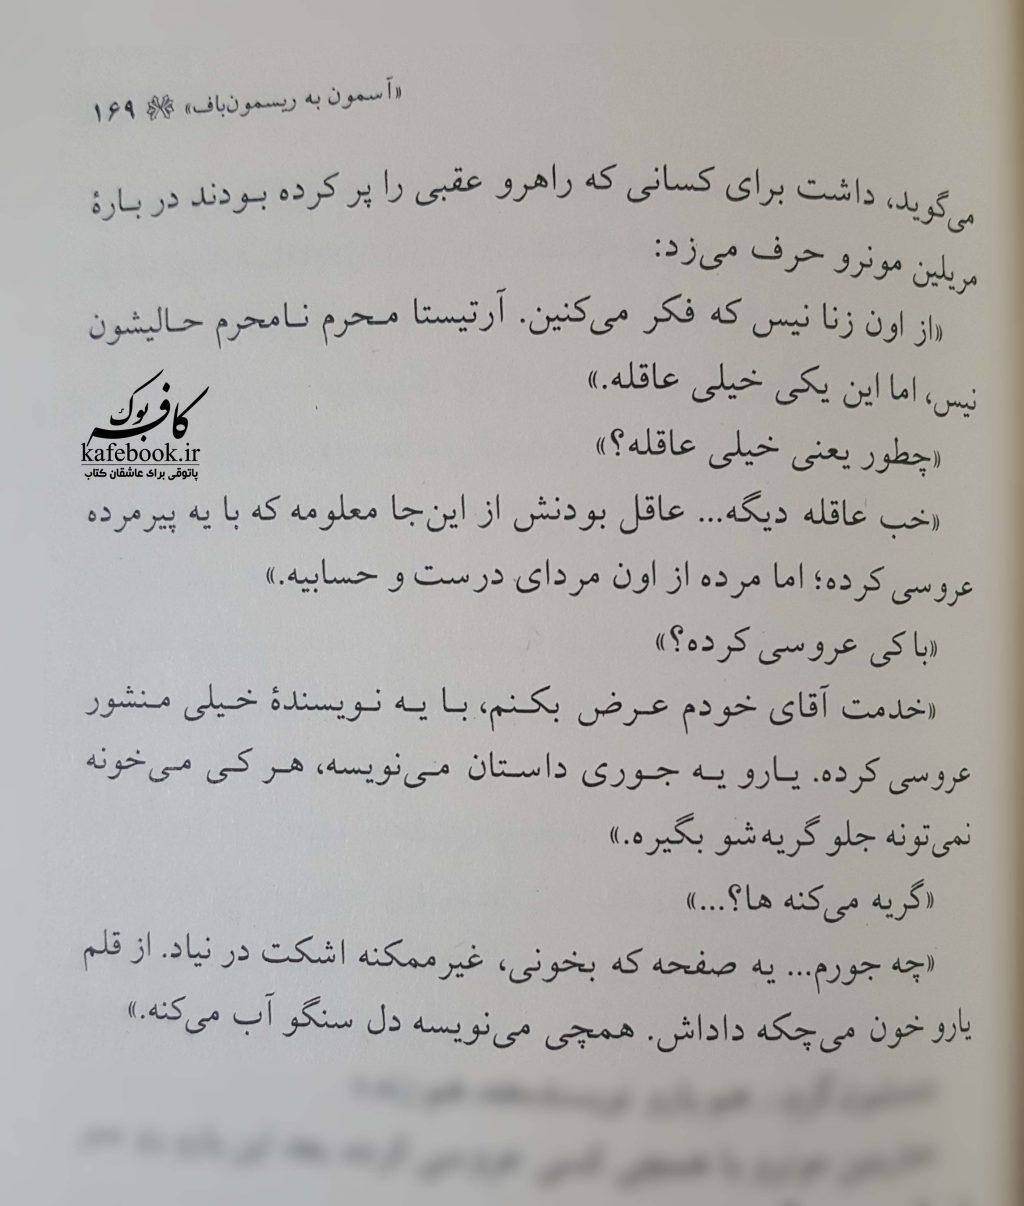 خلاصه کتاب مگه تو مملکت شما خر نیس؟ اثر عزیز نسین